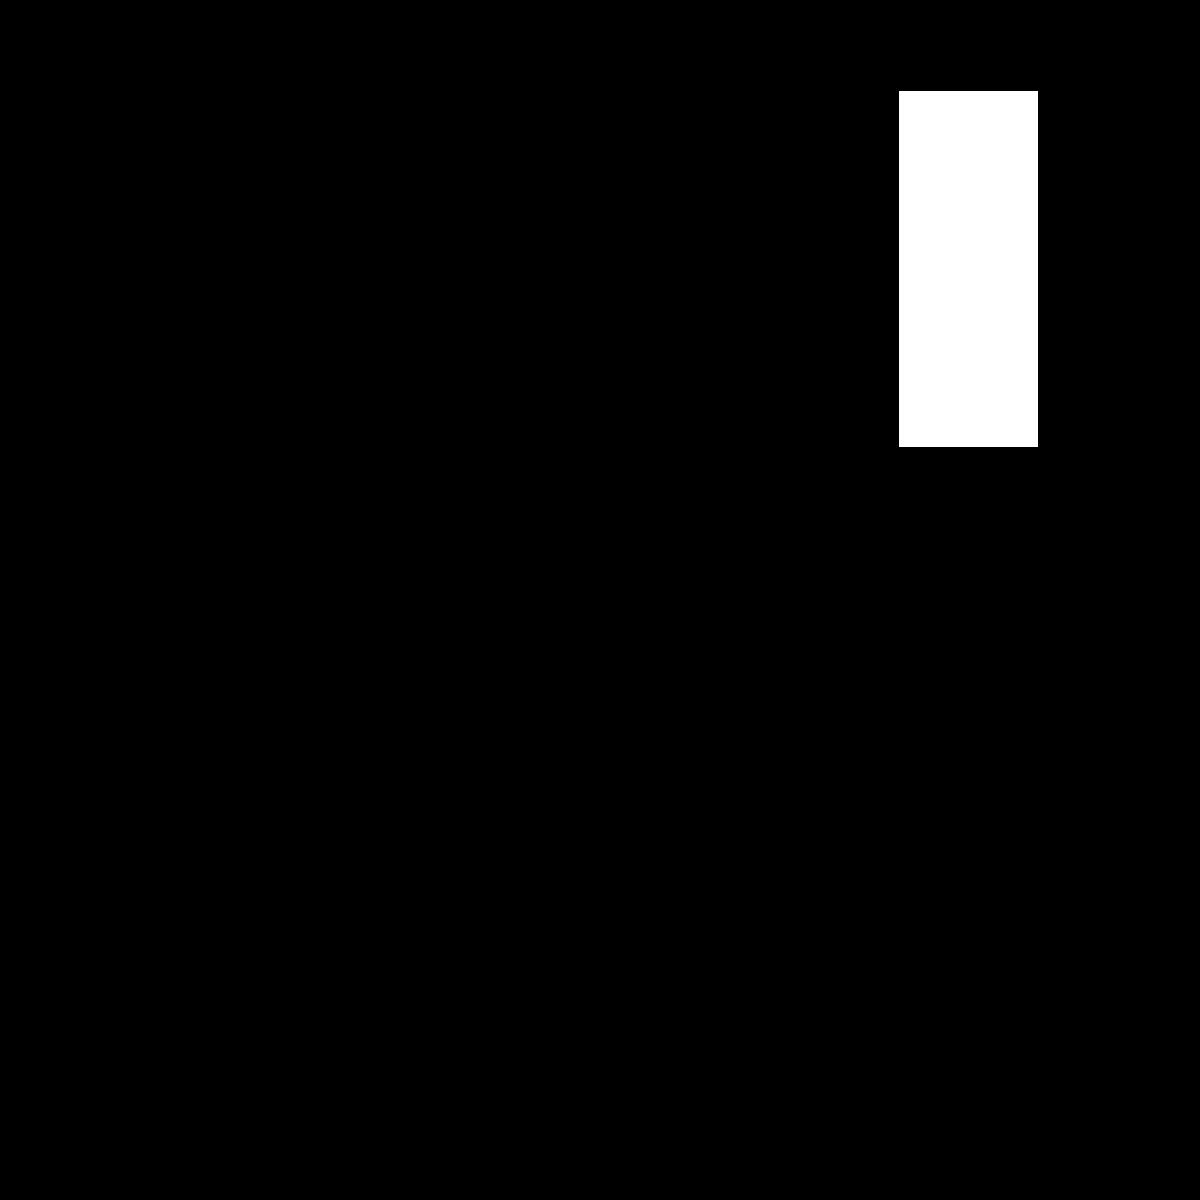 EM-LOGO-PNG_black (8).png